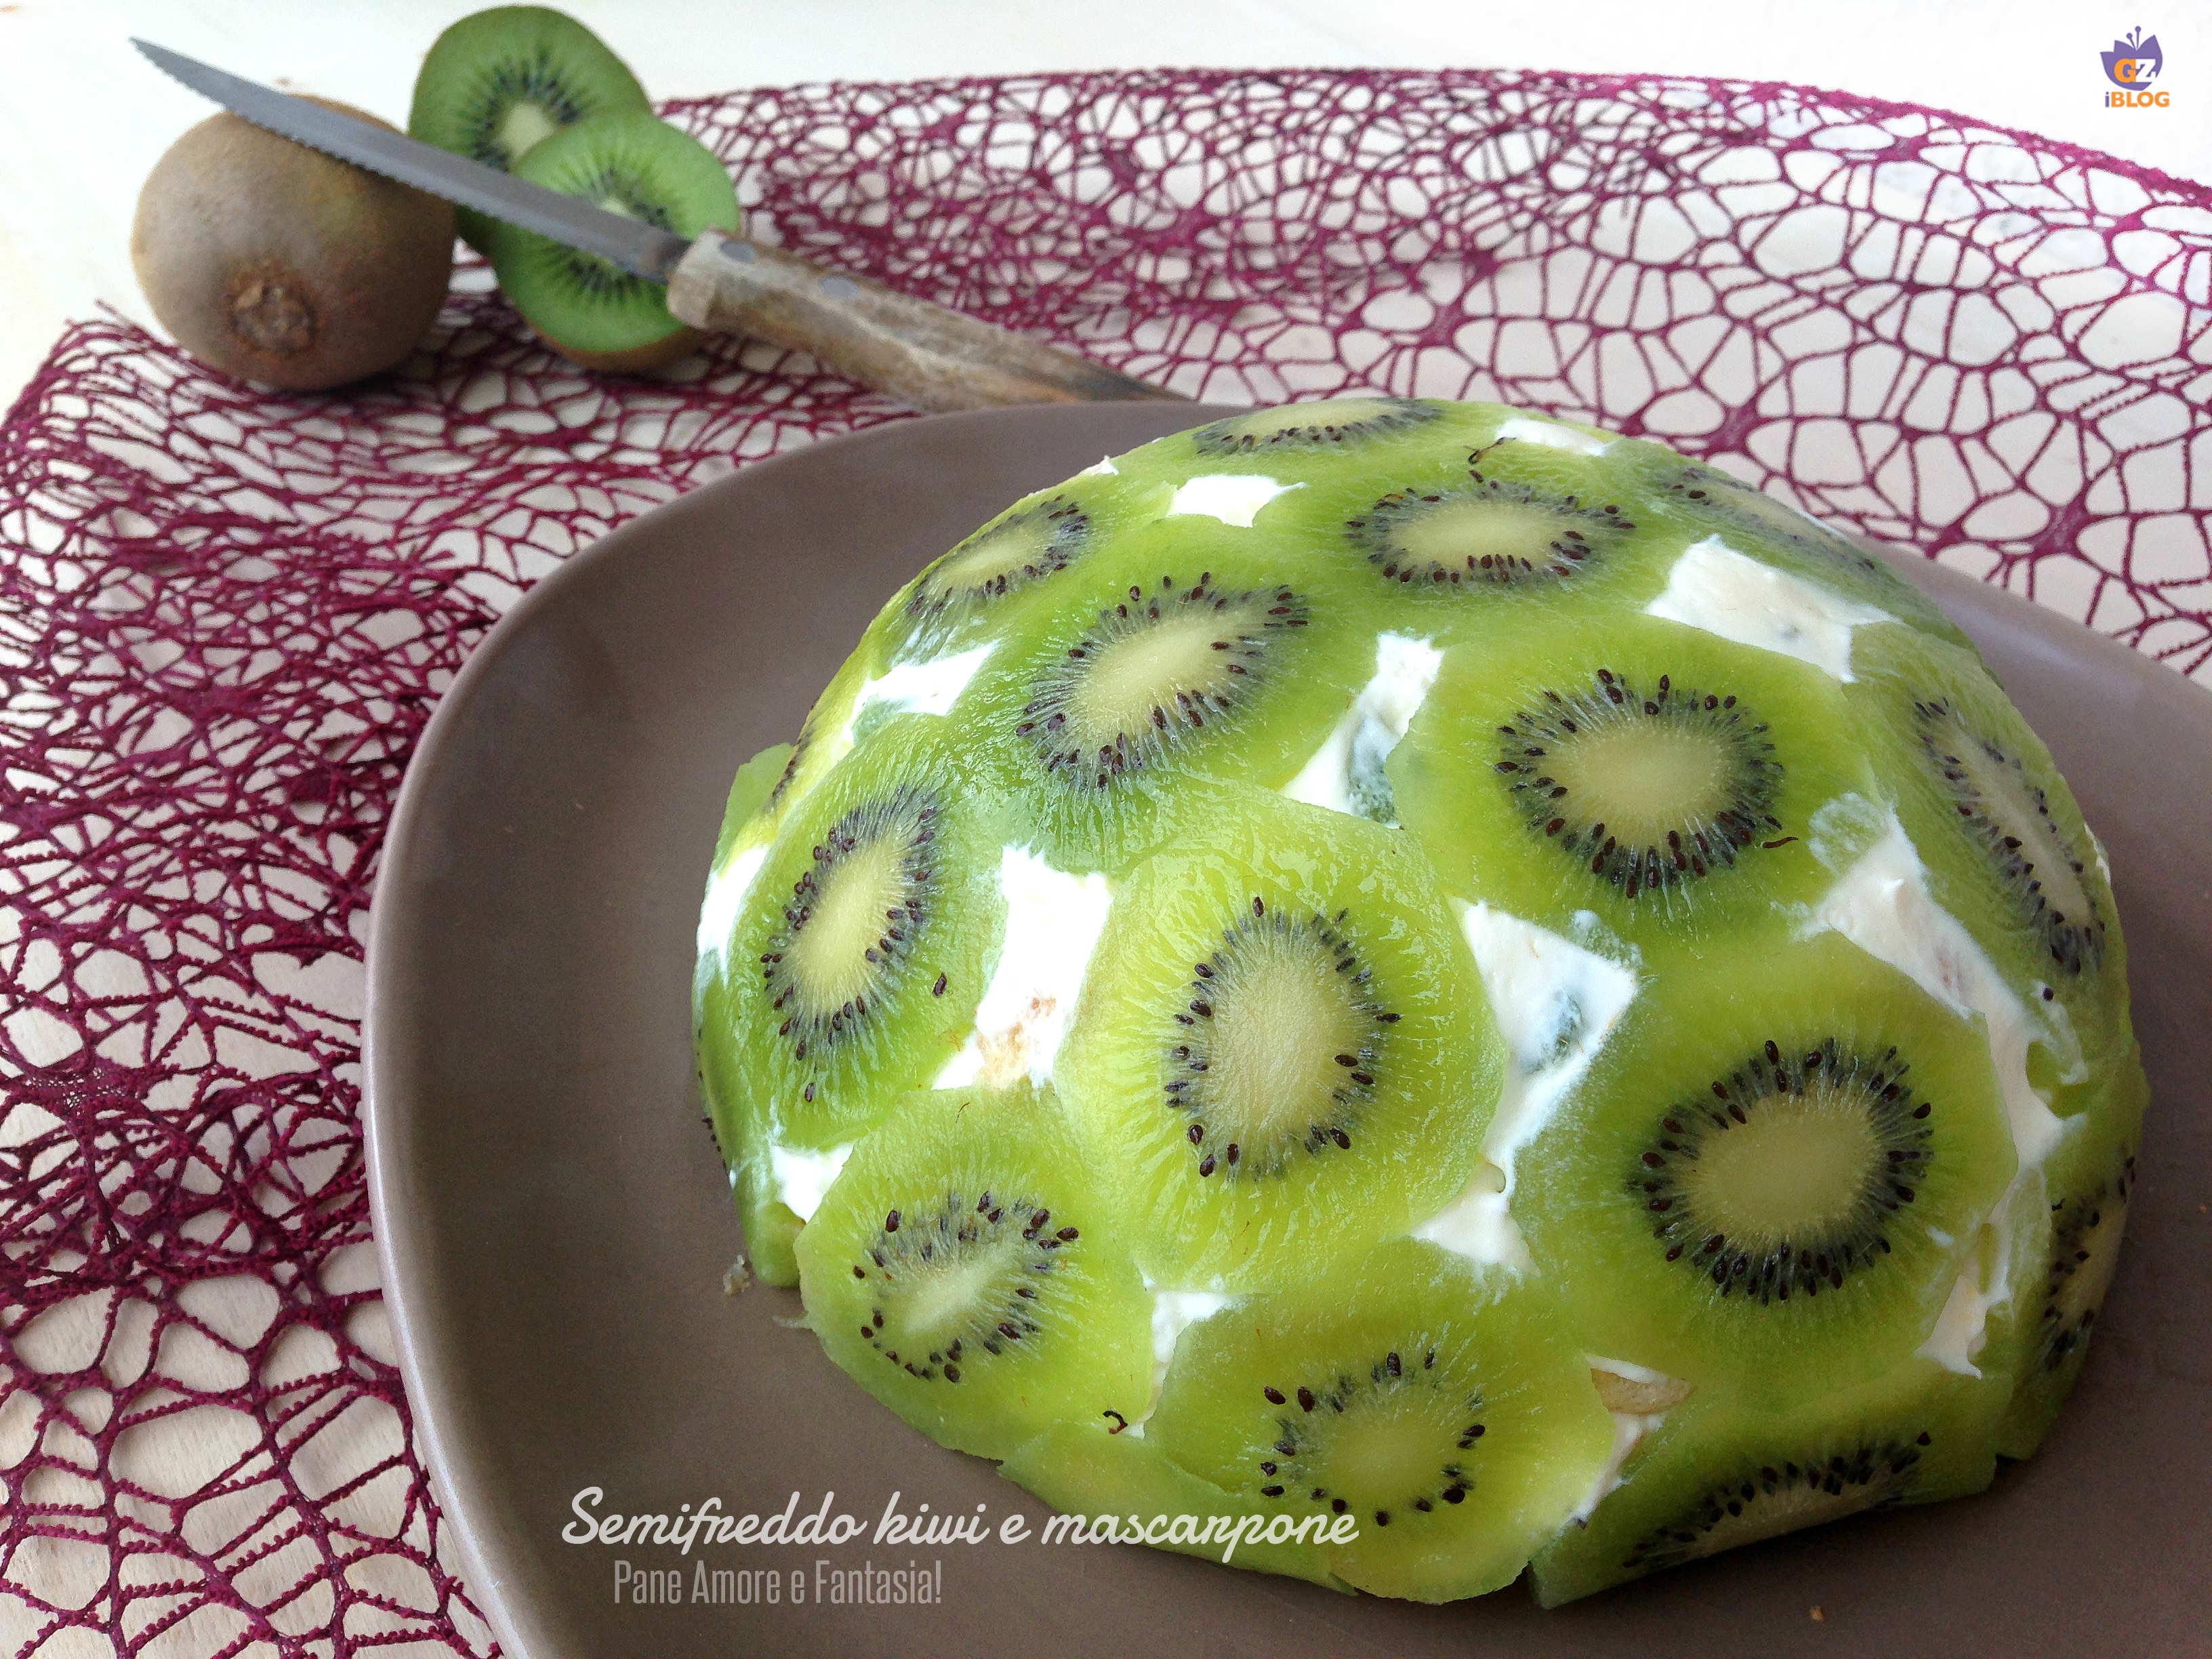 semifreddo kiwi e mascarpone